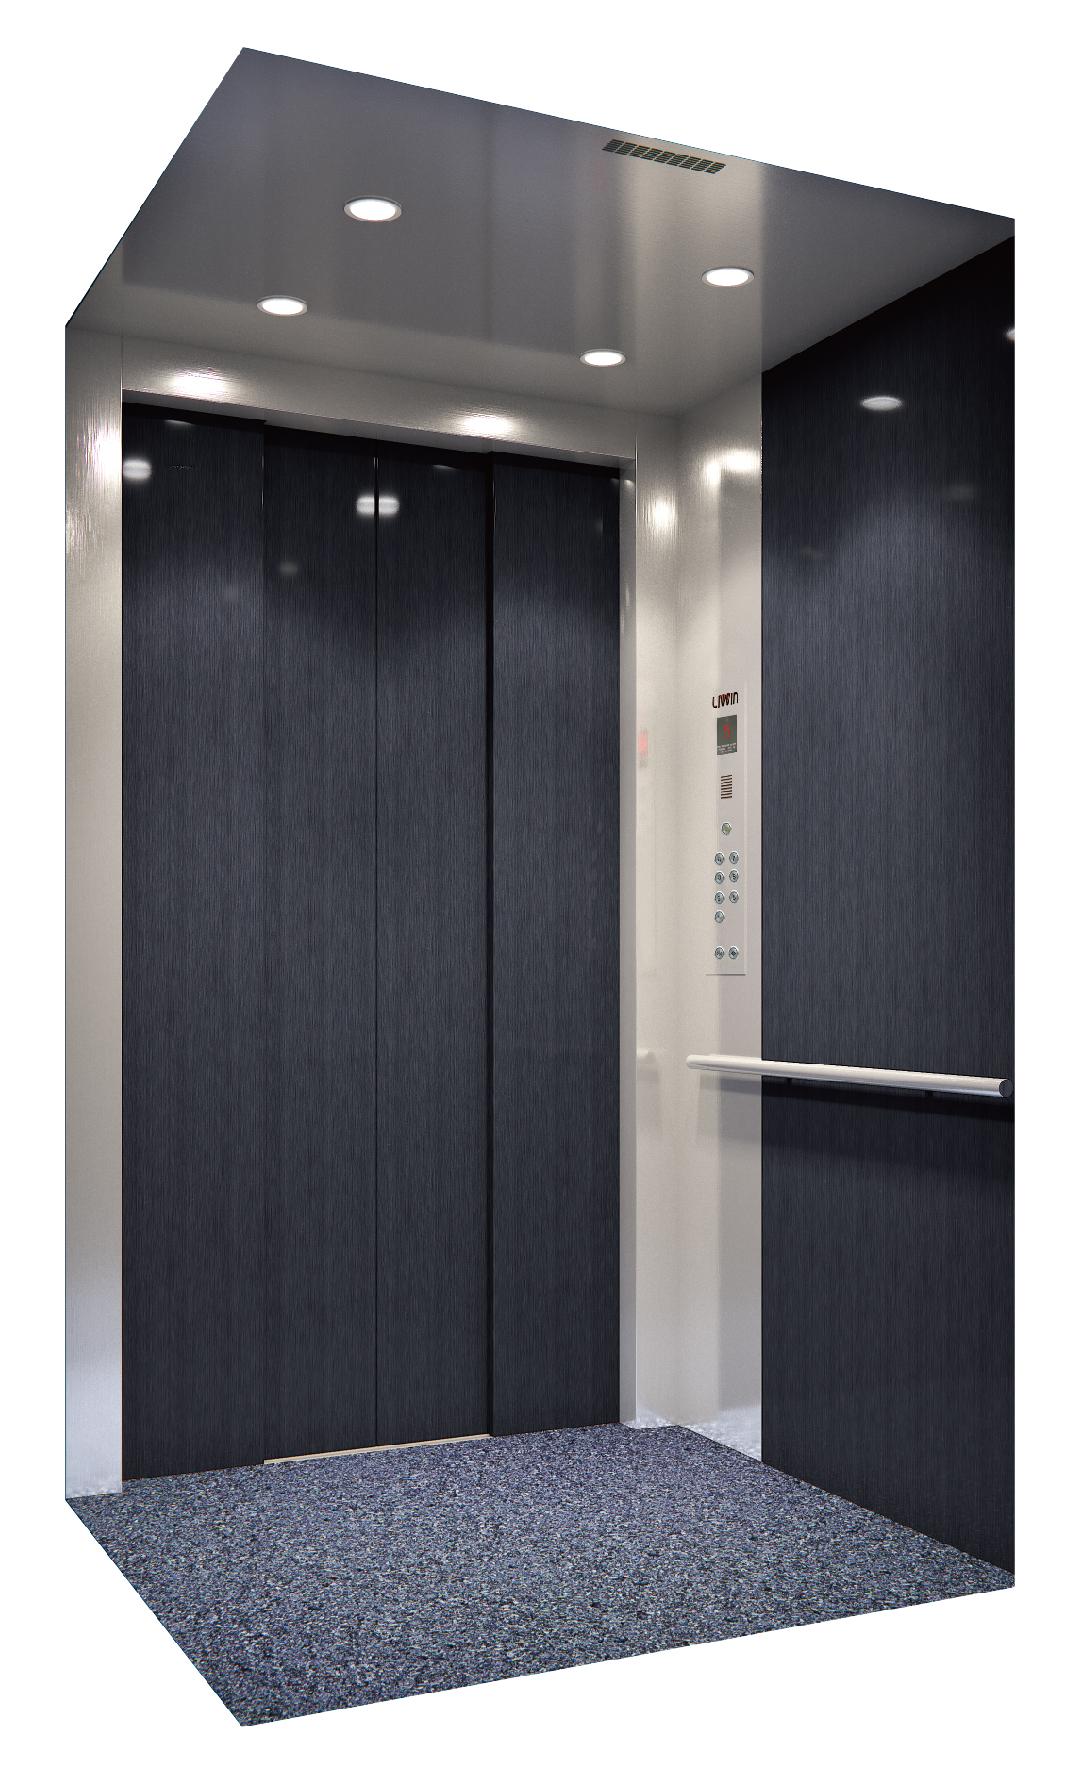 溫馨住宅電梯-立穩機電技術股份有限公司